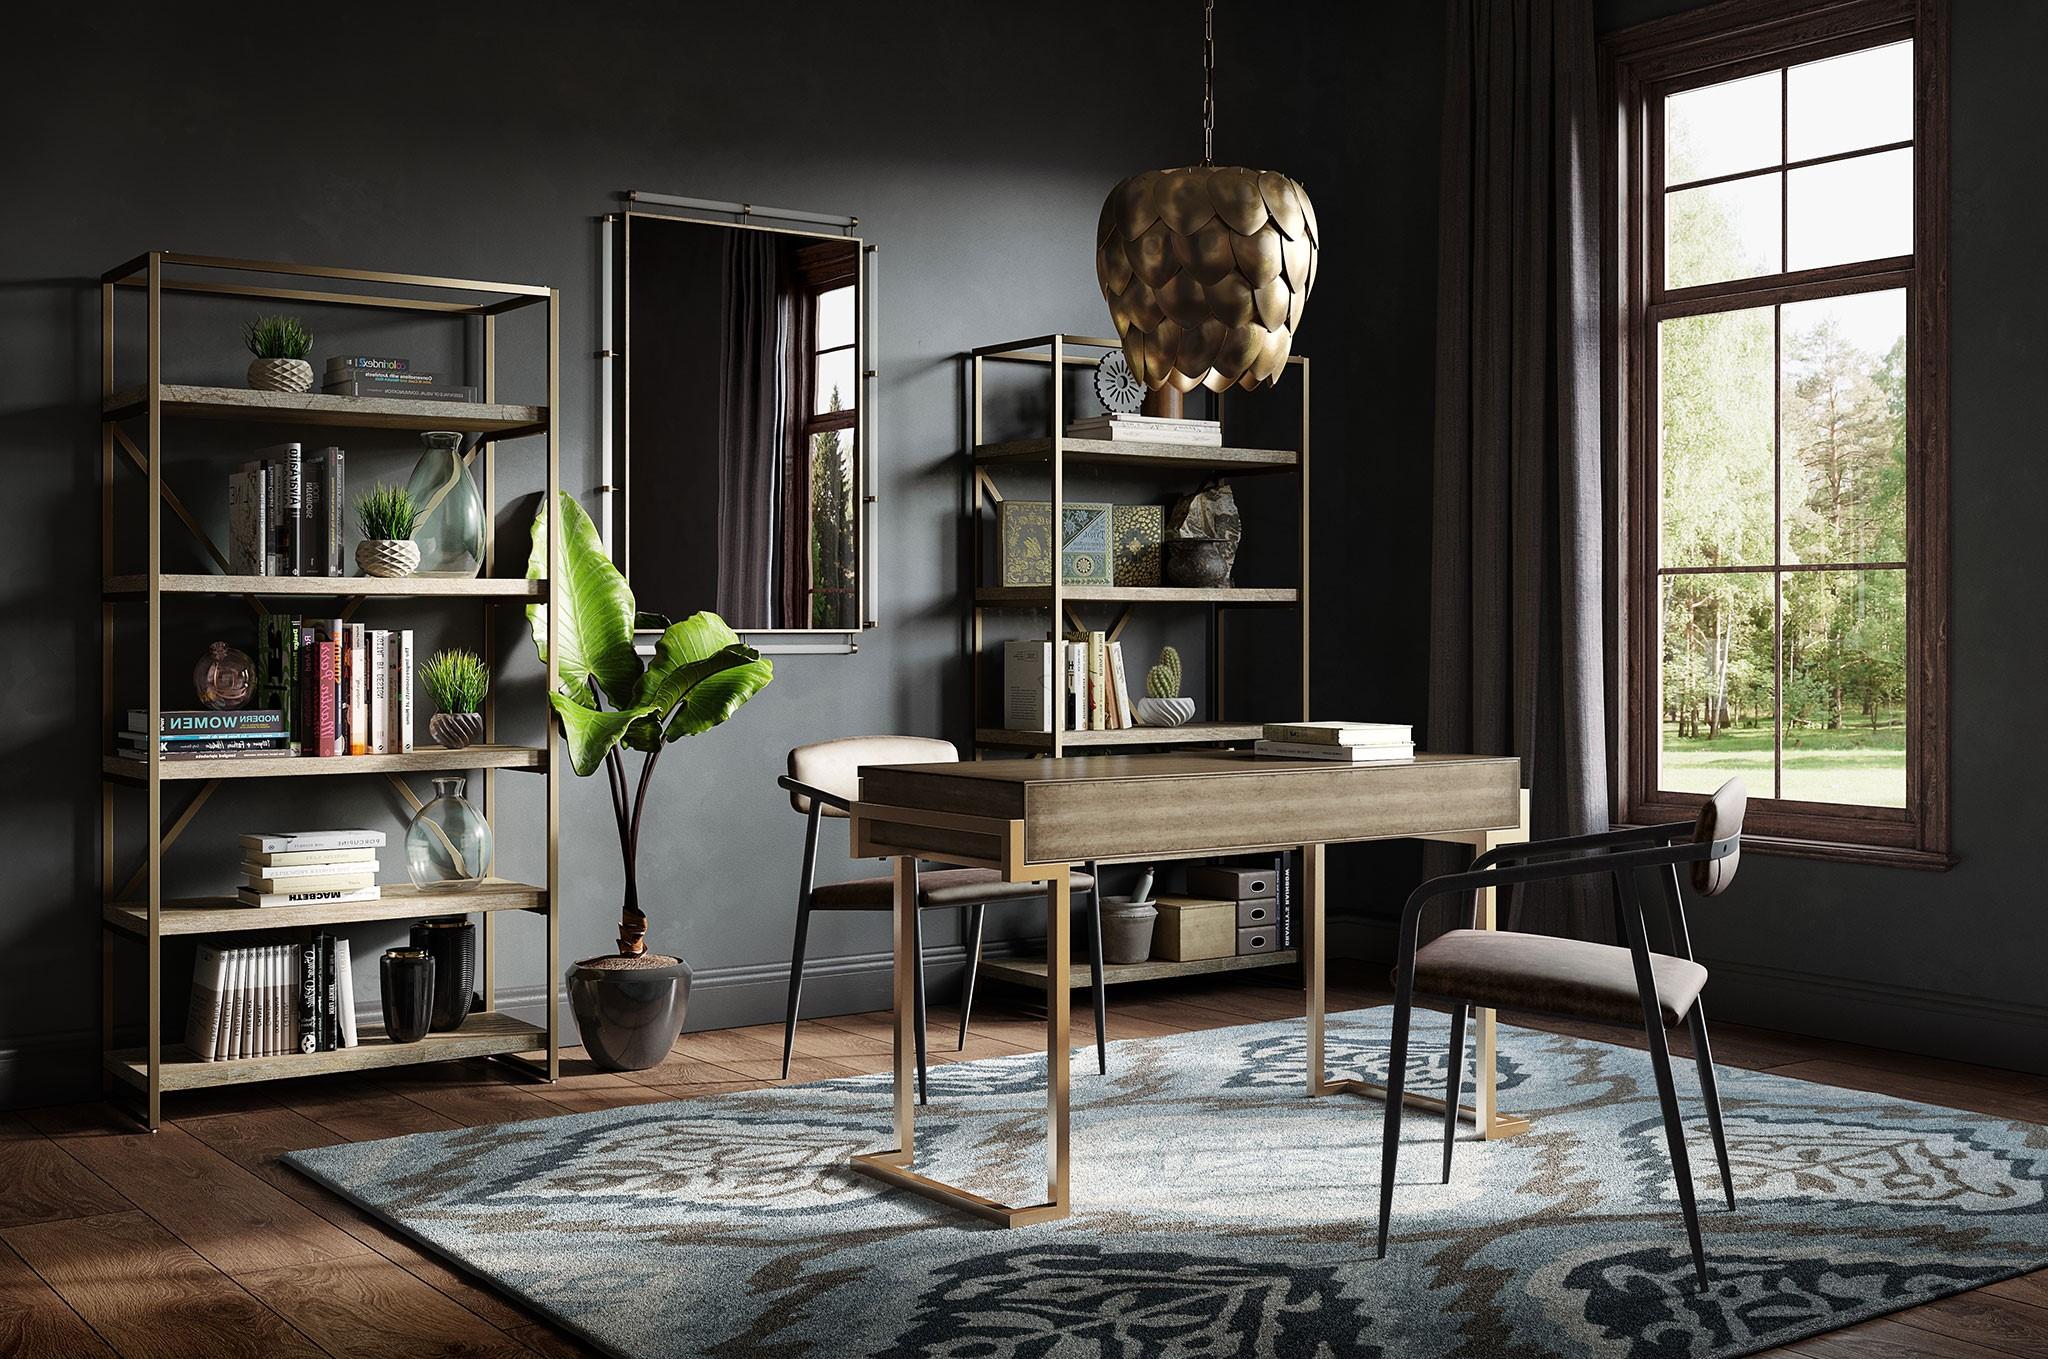 Ajoutez un petit tapis pour délimiter clairement le bureau du reste de votre salon.